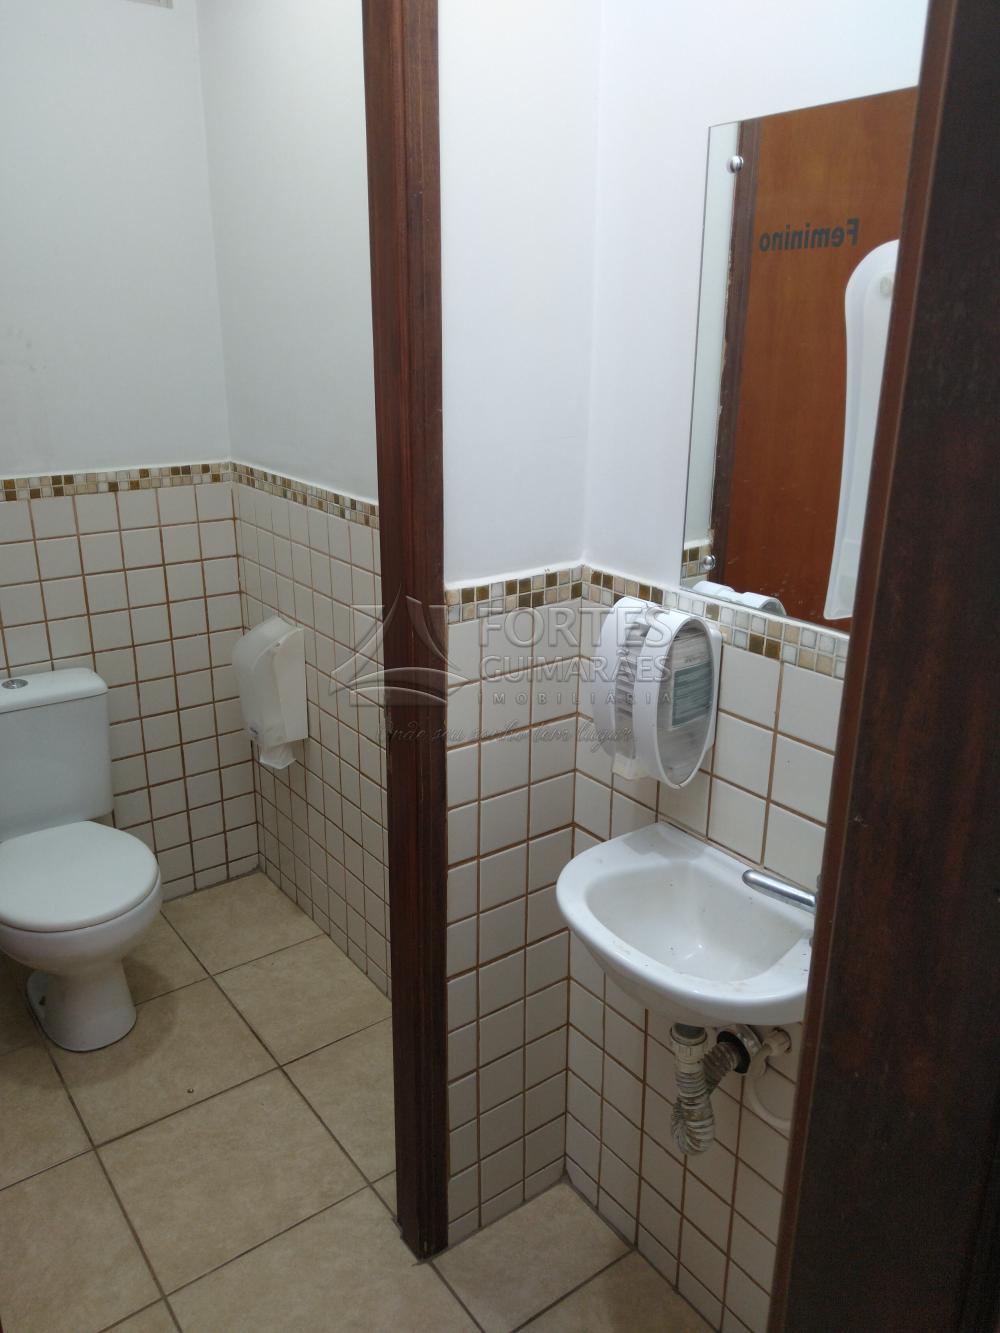 Alugar Comercial / Imóvel Comercial em Ribeirão Preto apenas R$ 12.000,00 - Foto 13